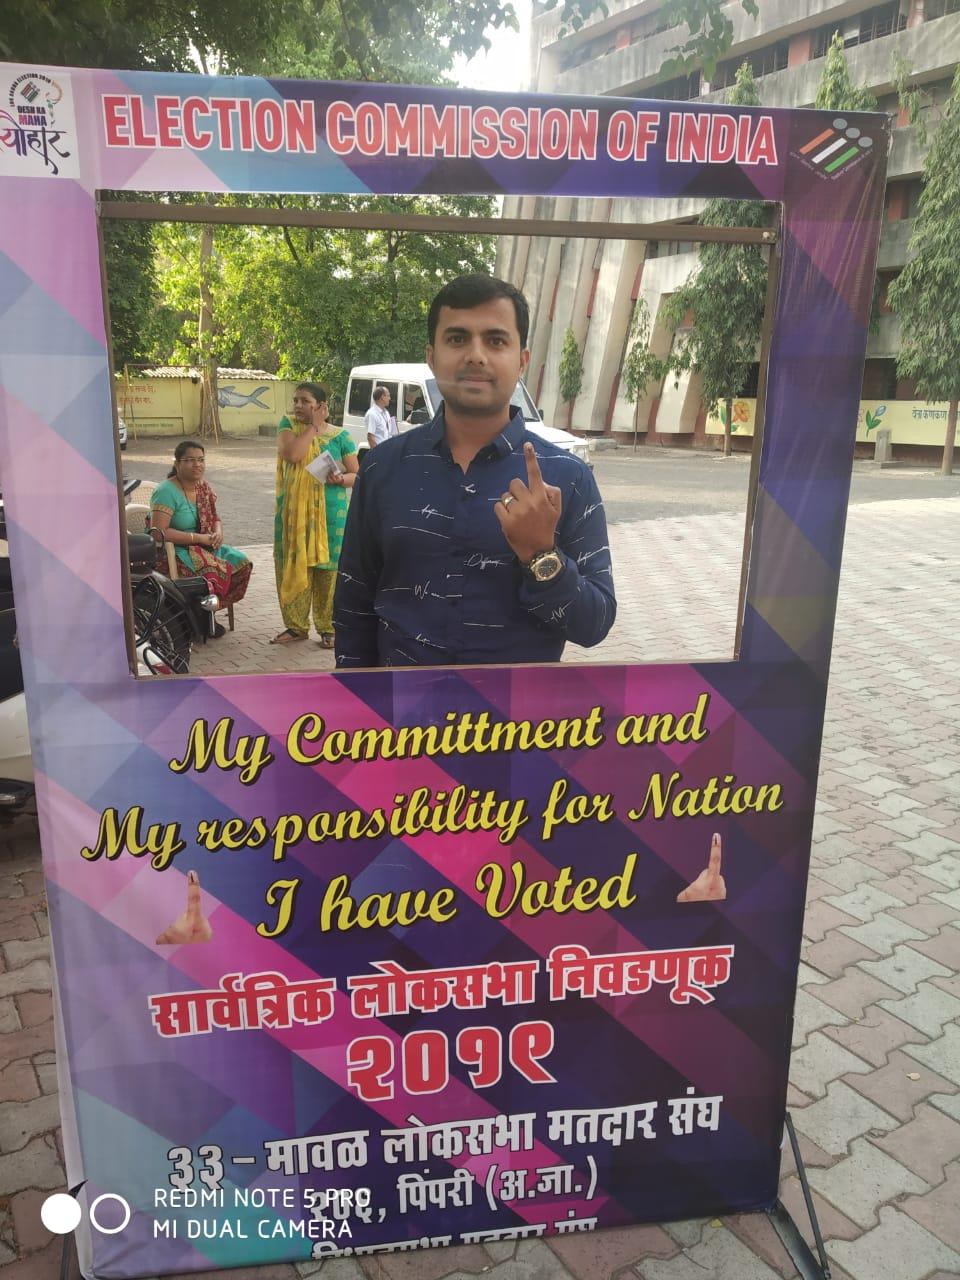 काही ठिकाणी सेल्फी काढत मतदानाचा हक्क नागरिकांनी बजावला आहे.